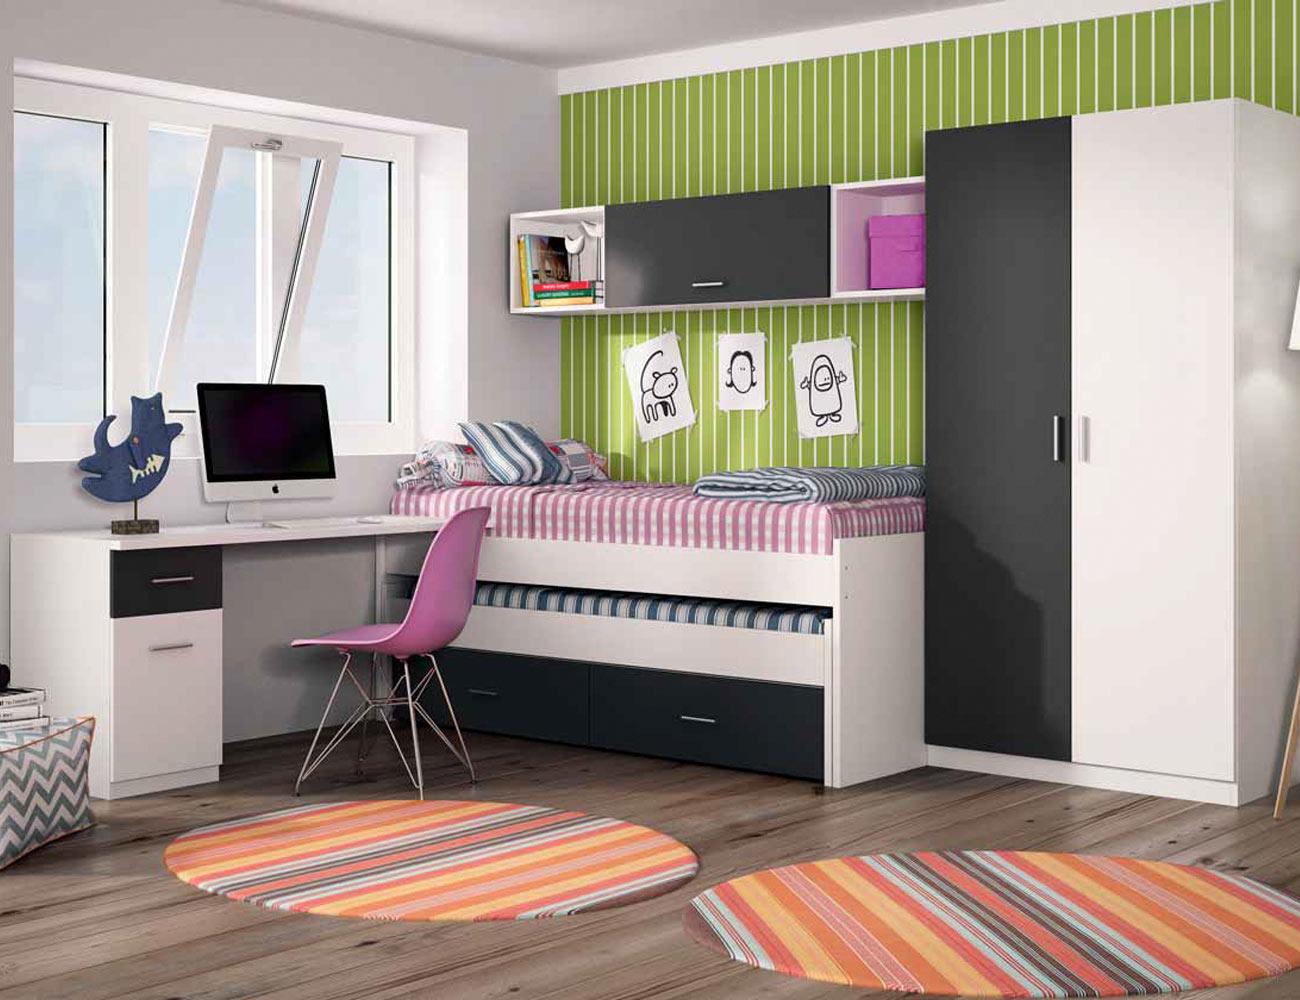 Mueble Puente Dormitorio - Diseños Arquitectónicos - Mimasku.com